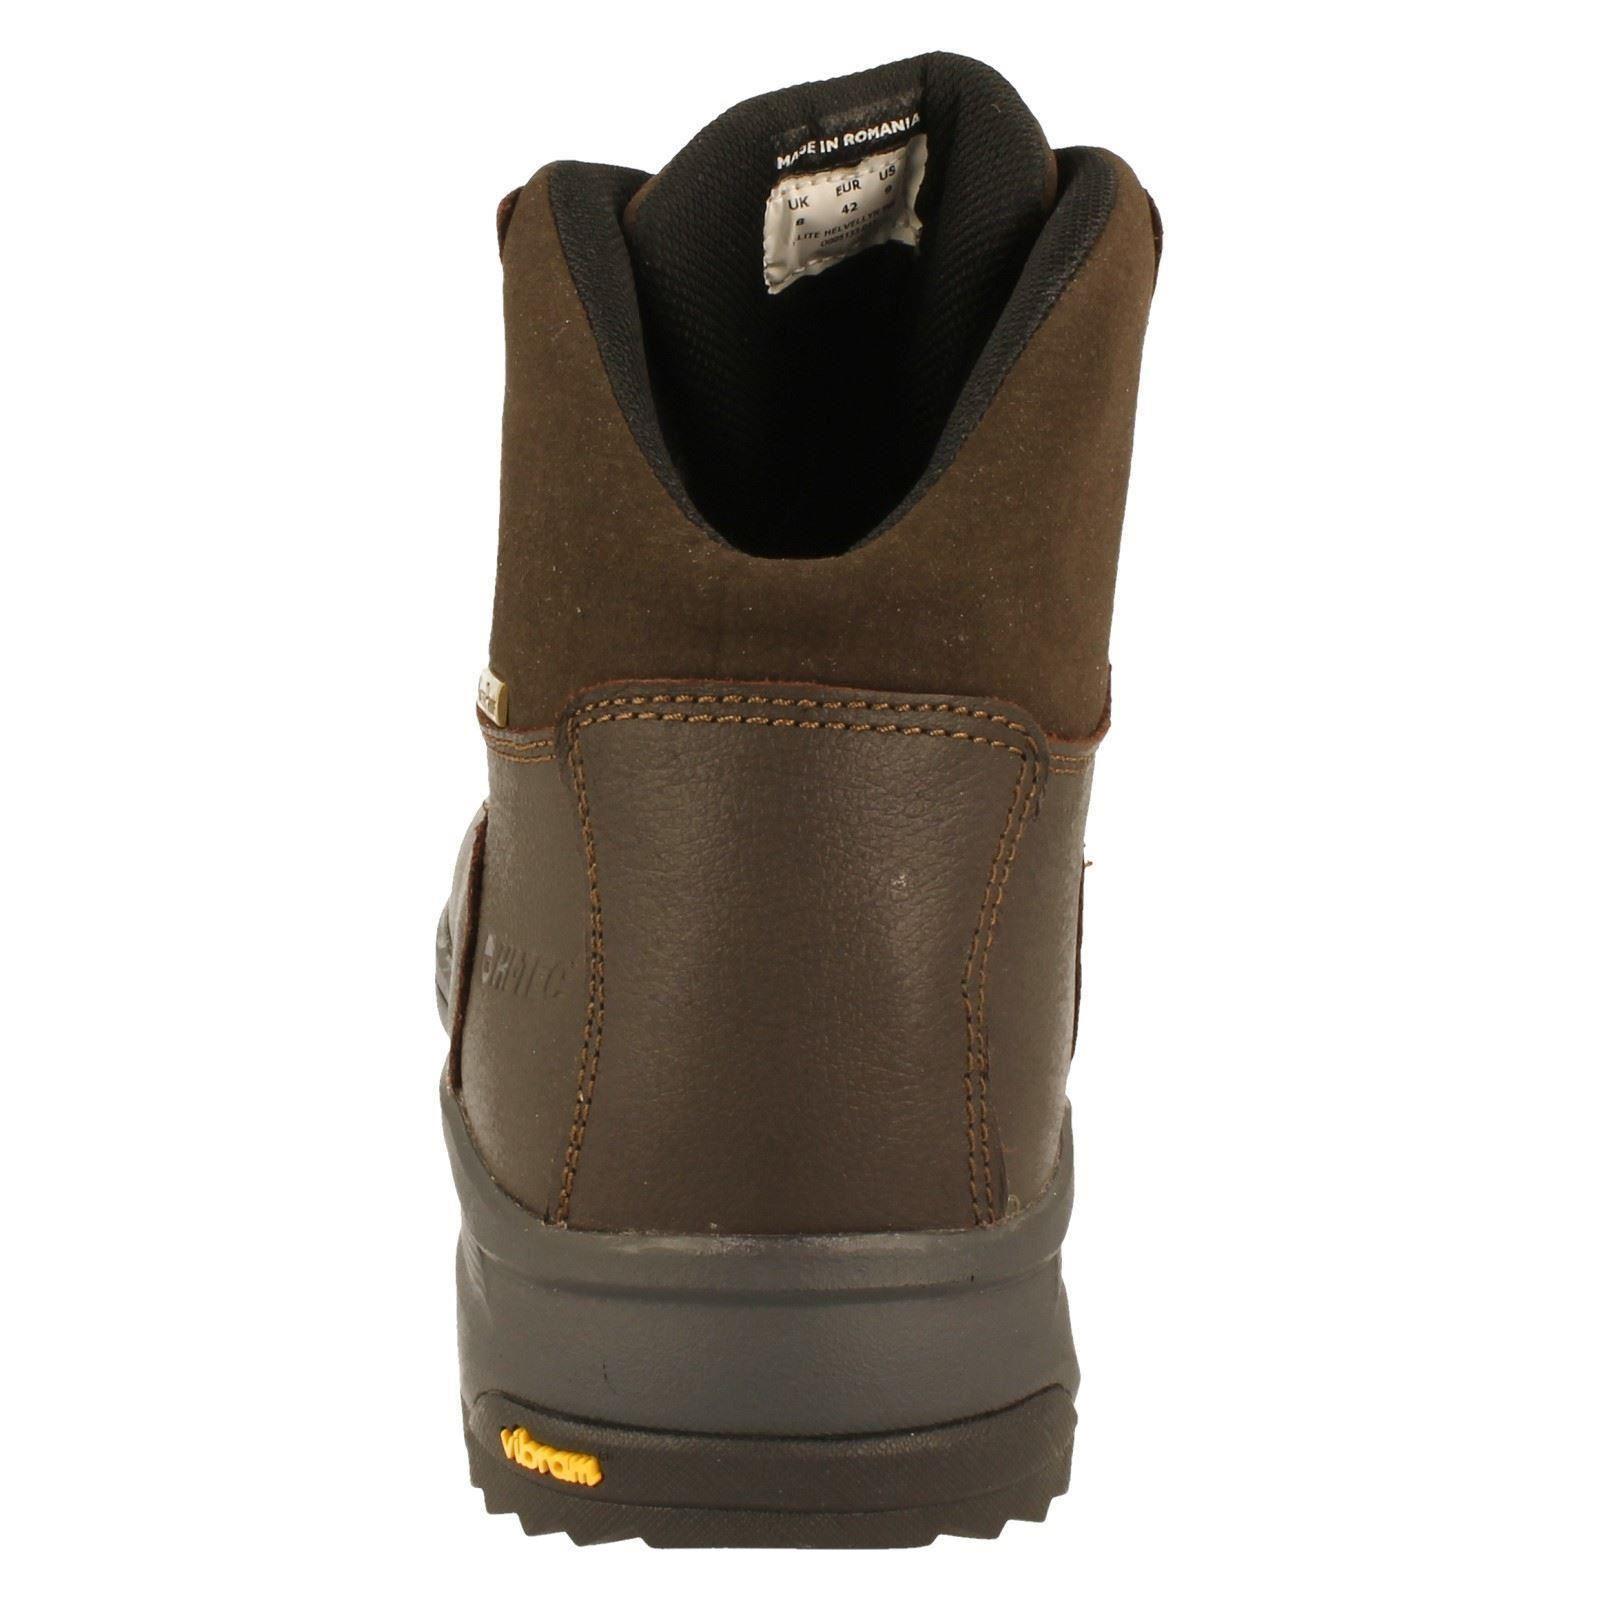 Unisex Hi-Tec Leder V-Lite Walking Stiefel Label V-Lite Leder Helvellyn -W 380a21